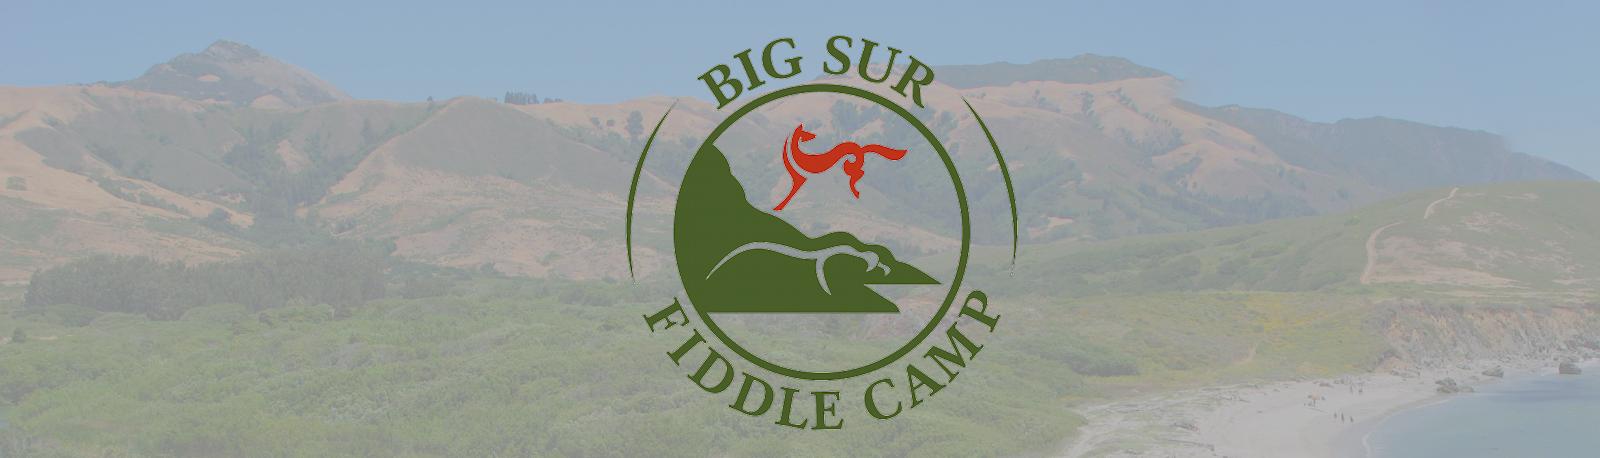 Big Sur Fiddle Camp Logo on header background